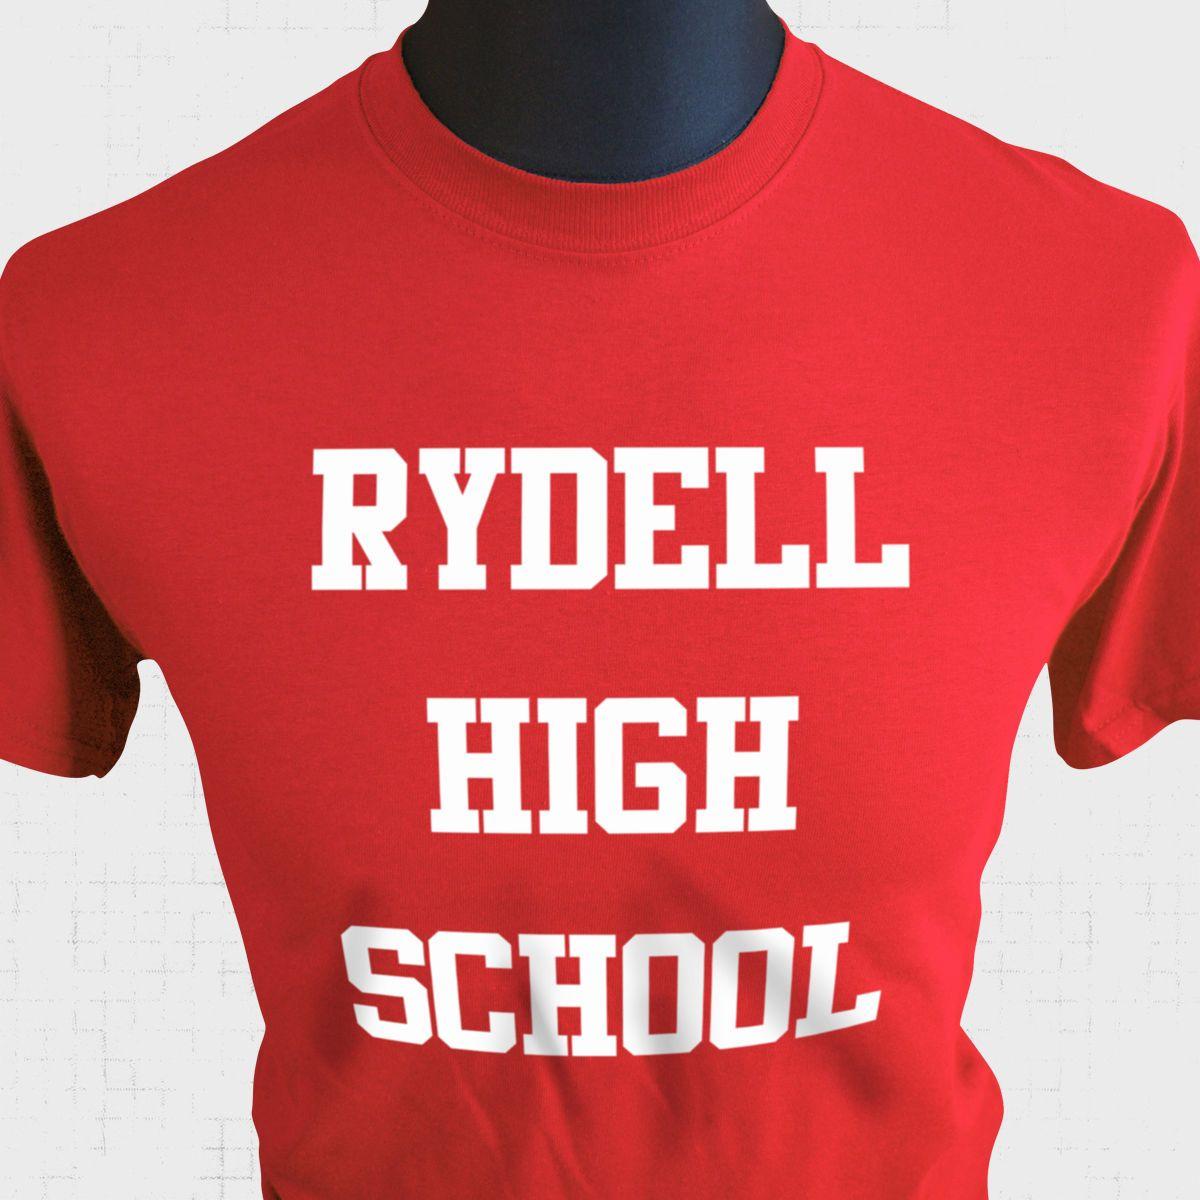 Rydell High School T Shirt Grease Musical Fancy Dress John Travolta